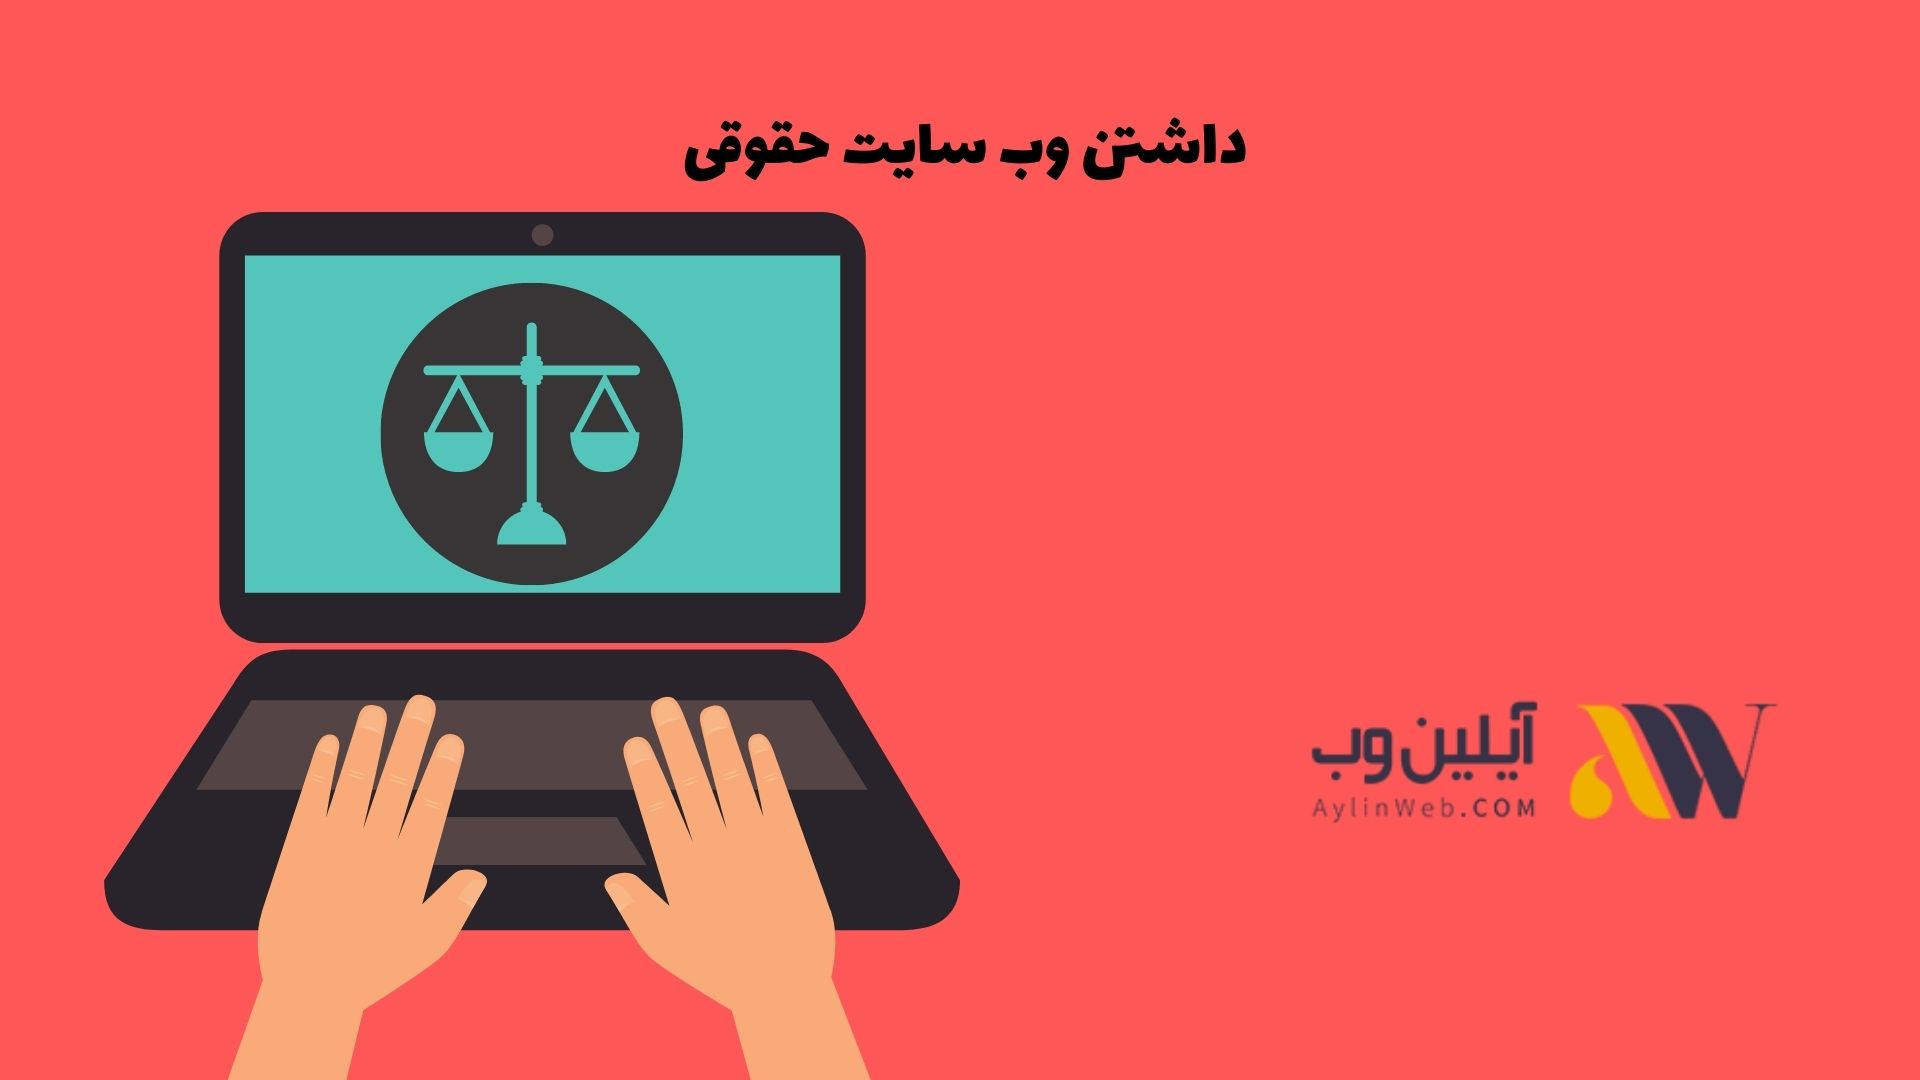 داشتن وب سایت حقوقی